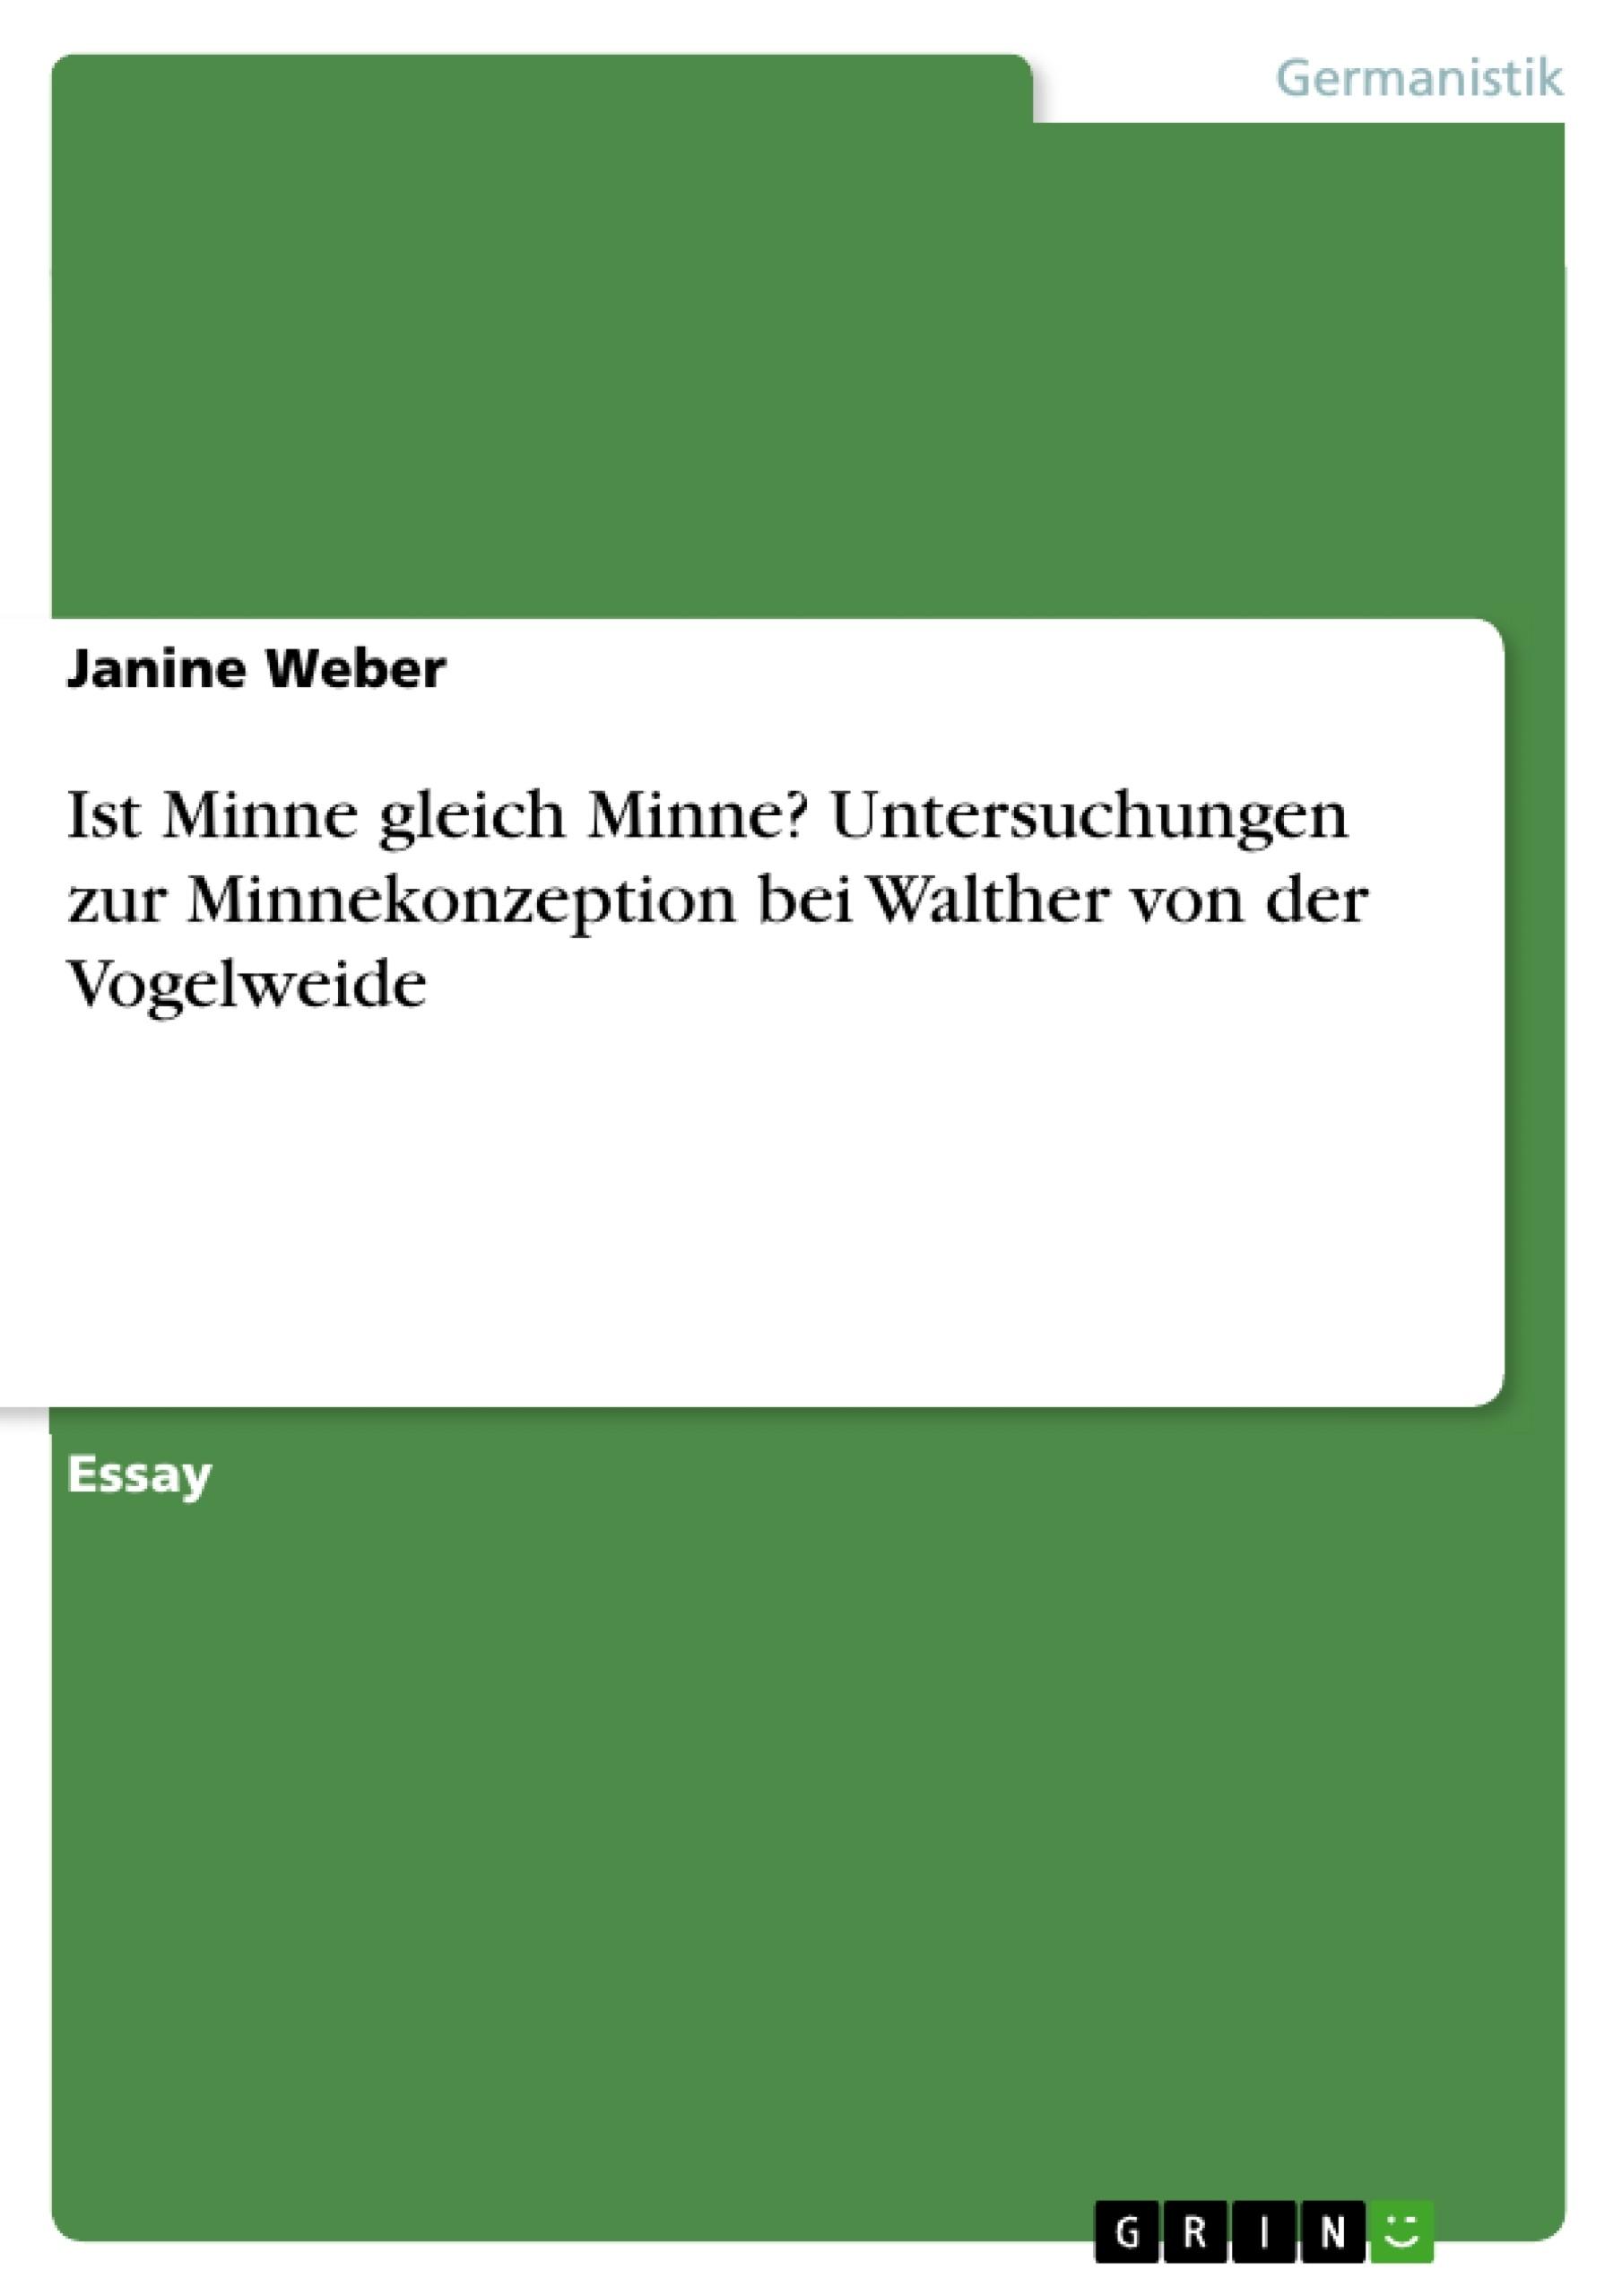 Titel: Ist Minne gleich Minne? Untersuchungen zur Minnekonzeption bei Walther von der Vogelweide